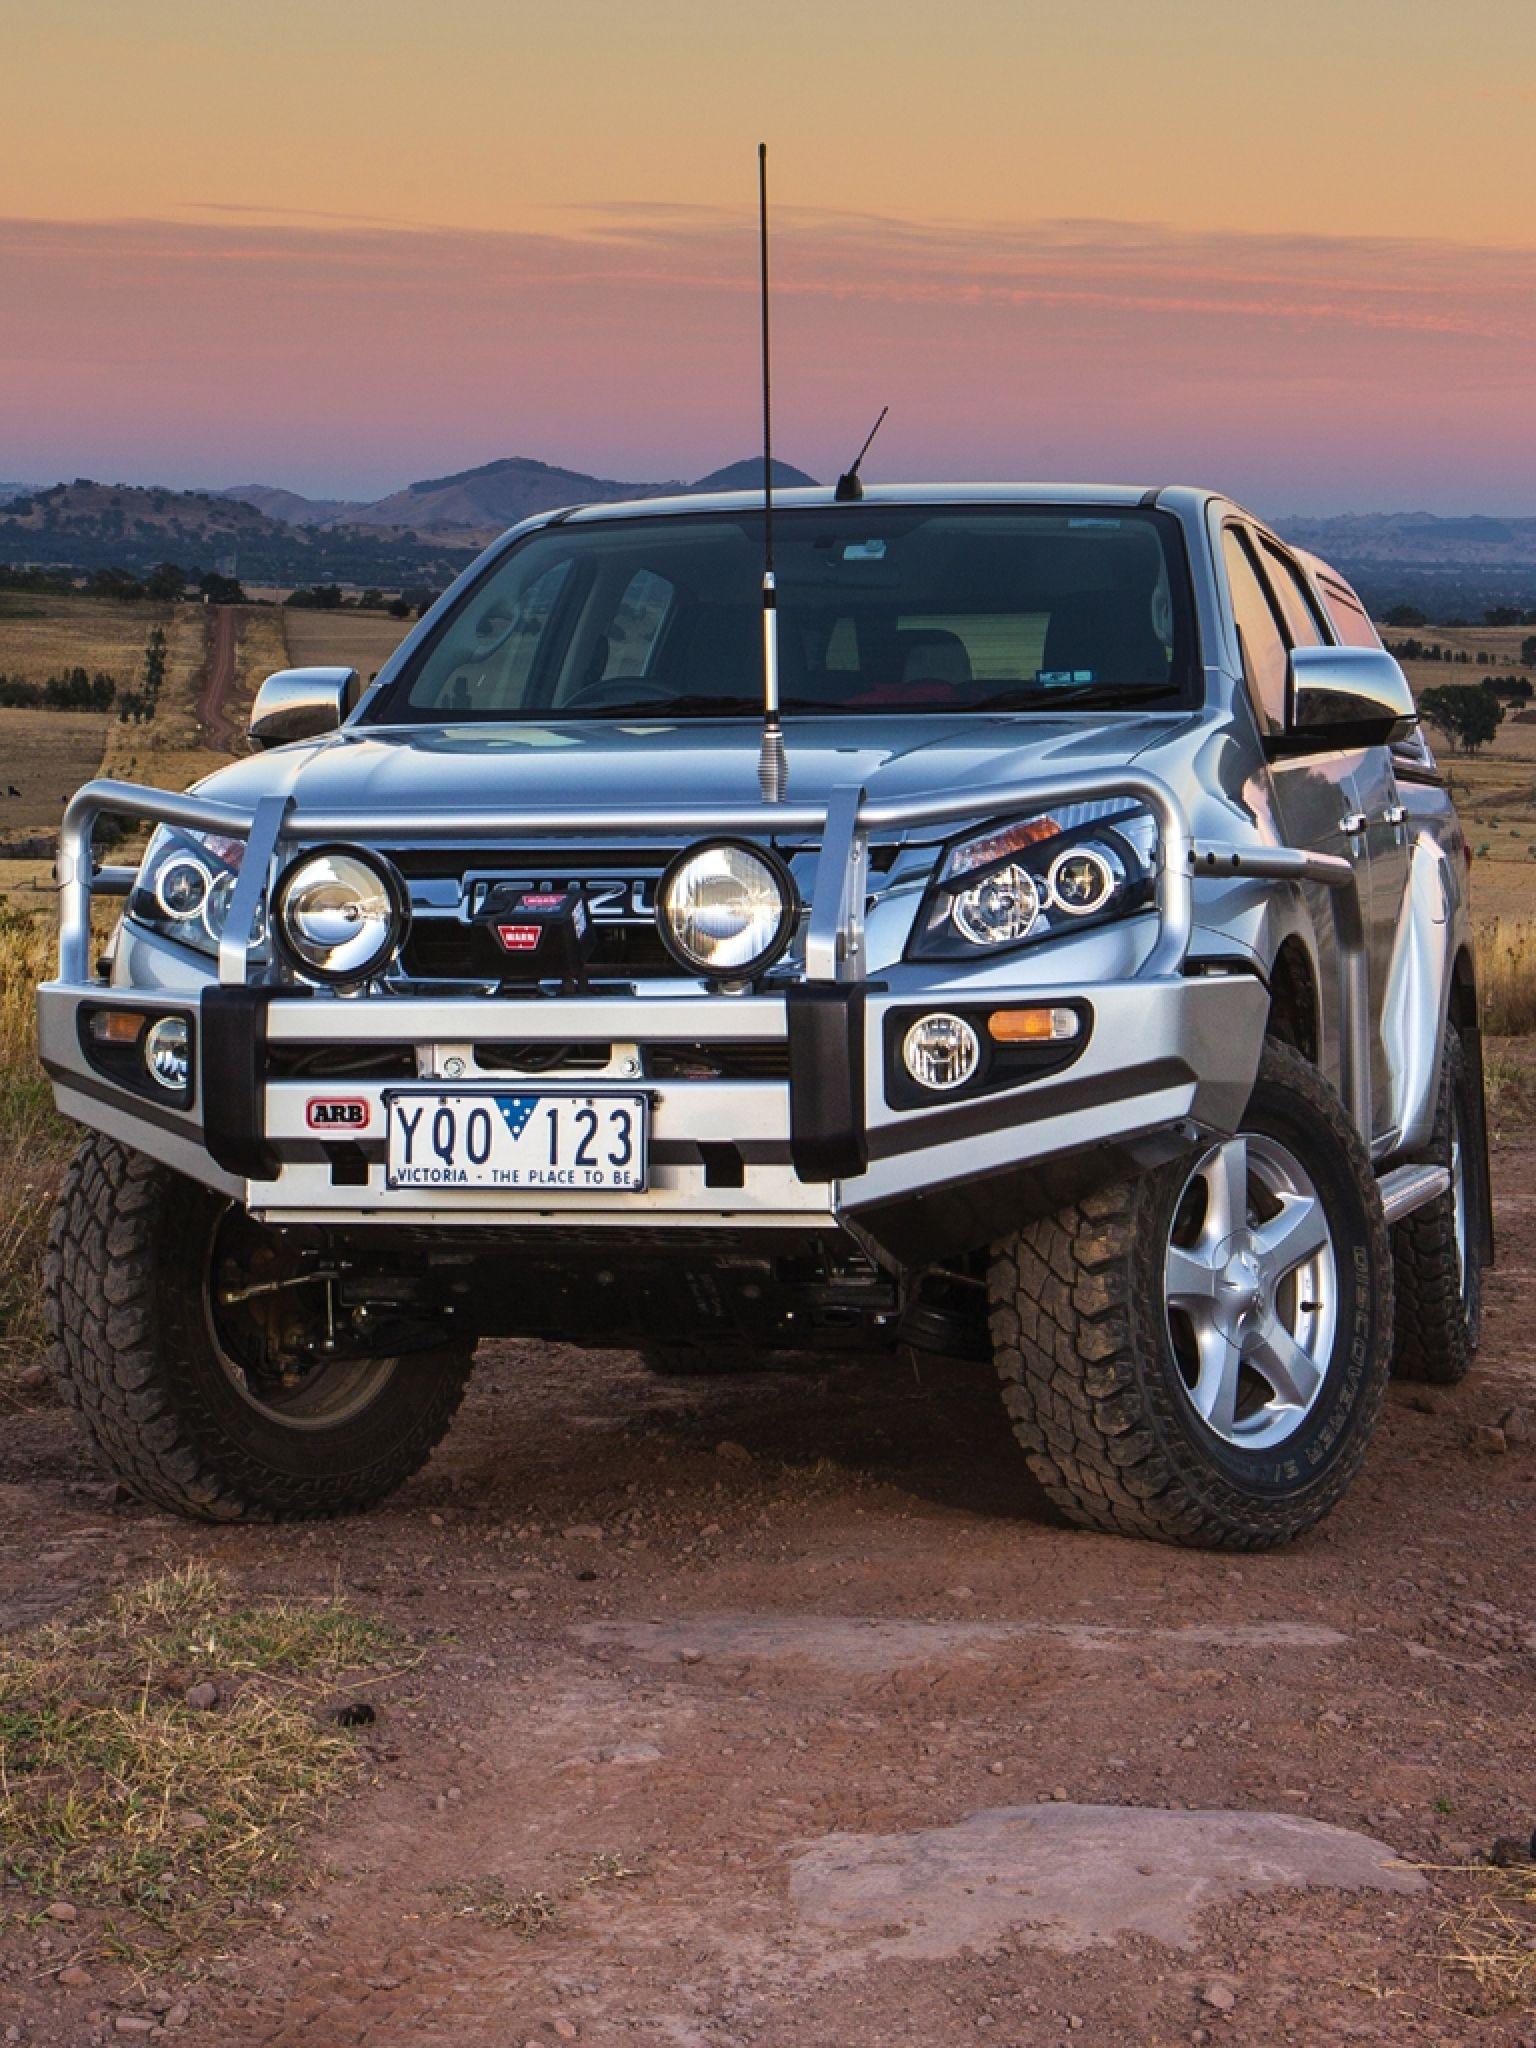 Isuzu Dmax Arb 4x4 Christopherbrenes Arquitecto Com Facebook Expedicion Costa Rica Isuzu D Max 4x4 Trucks Bull Bar